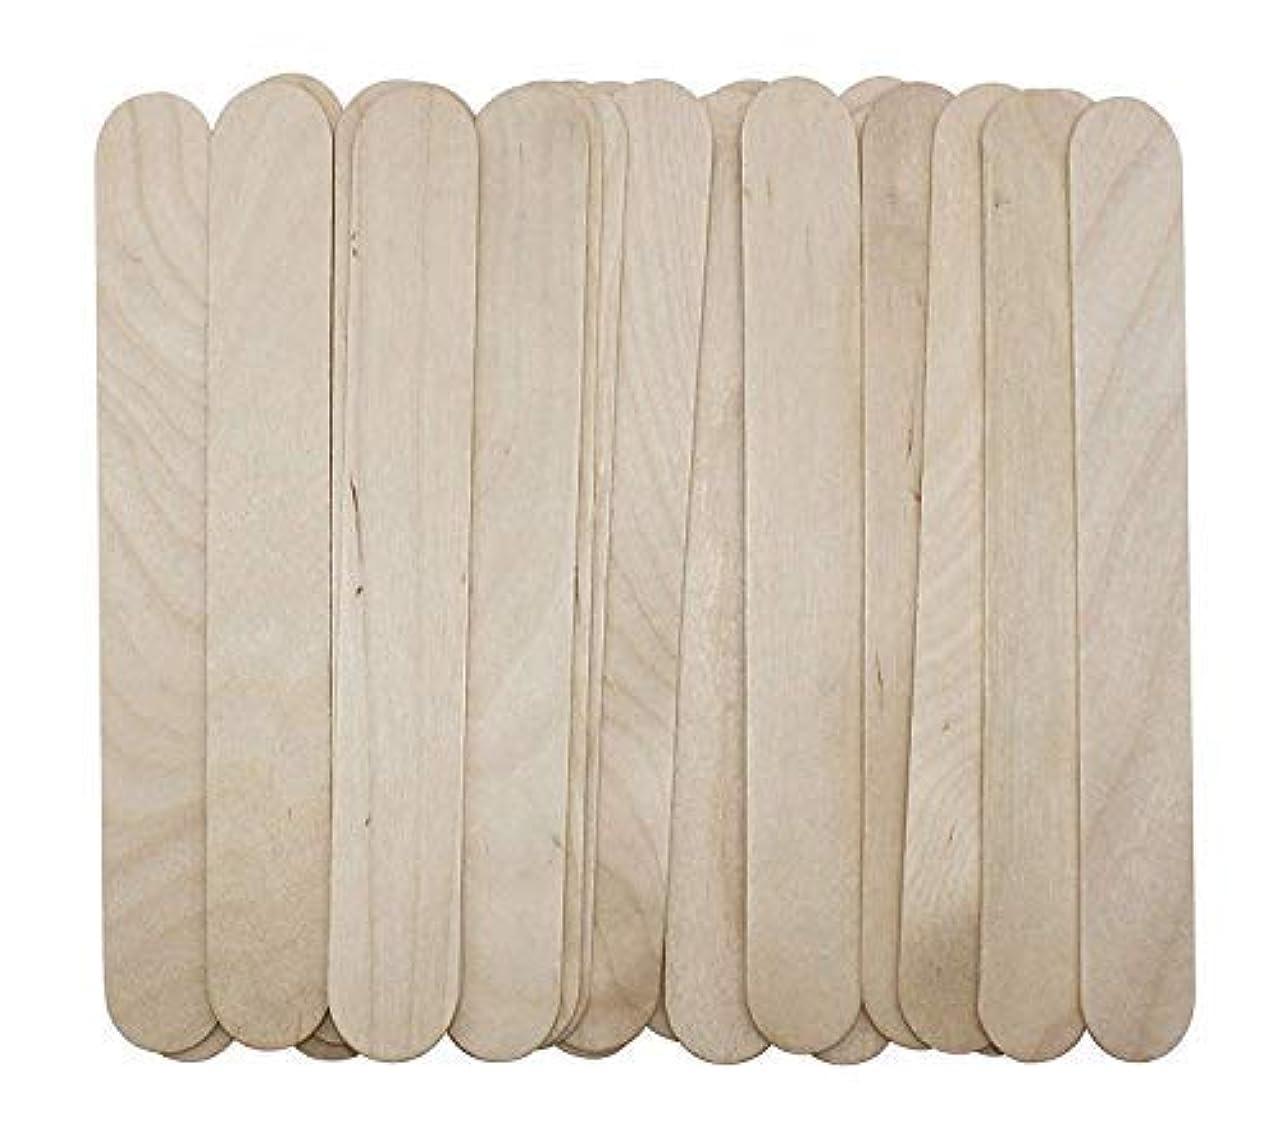 乳製品重くする求人100 Large Wax Waxing Wood Body Hair Removal Craft Sticks Applicator Spatula 141[並行輸入]